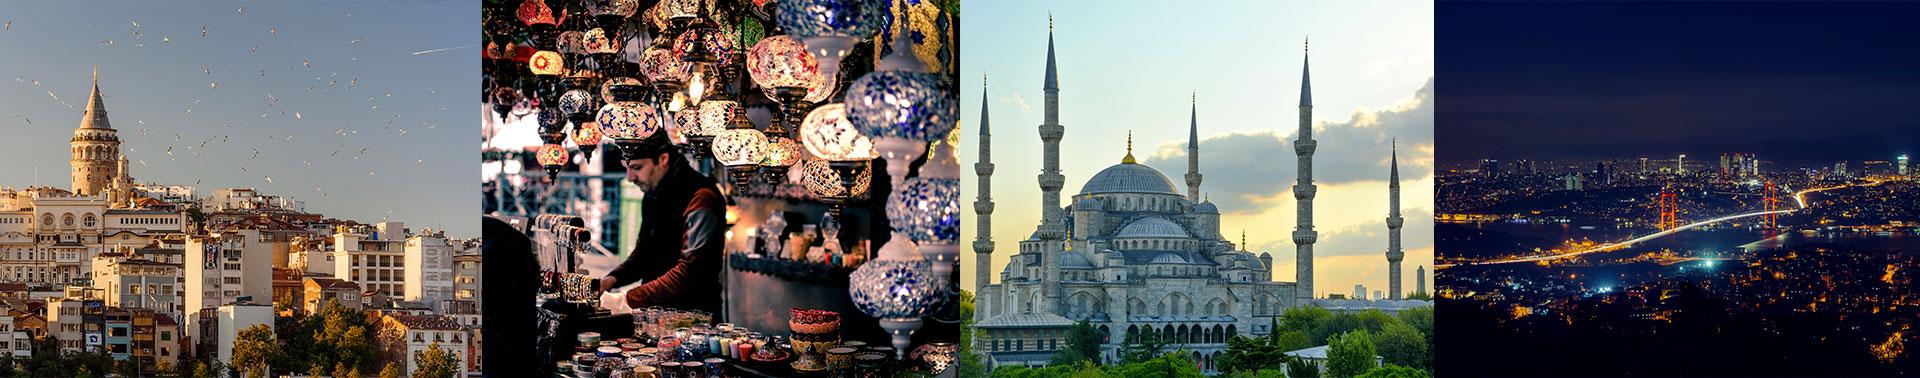 Istanbul-banner-select-venue-séminaire à l'étranger